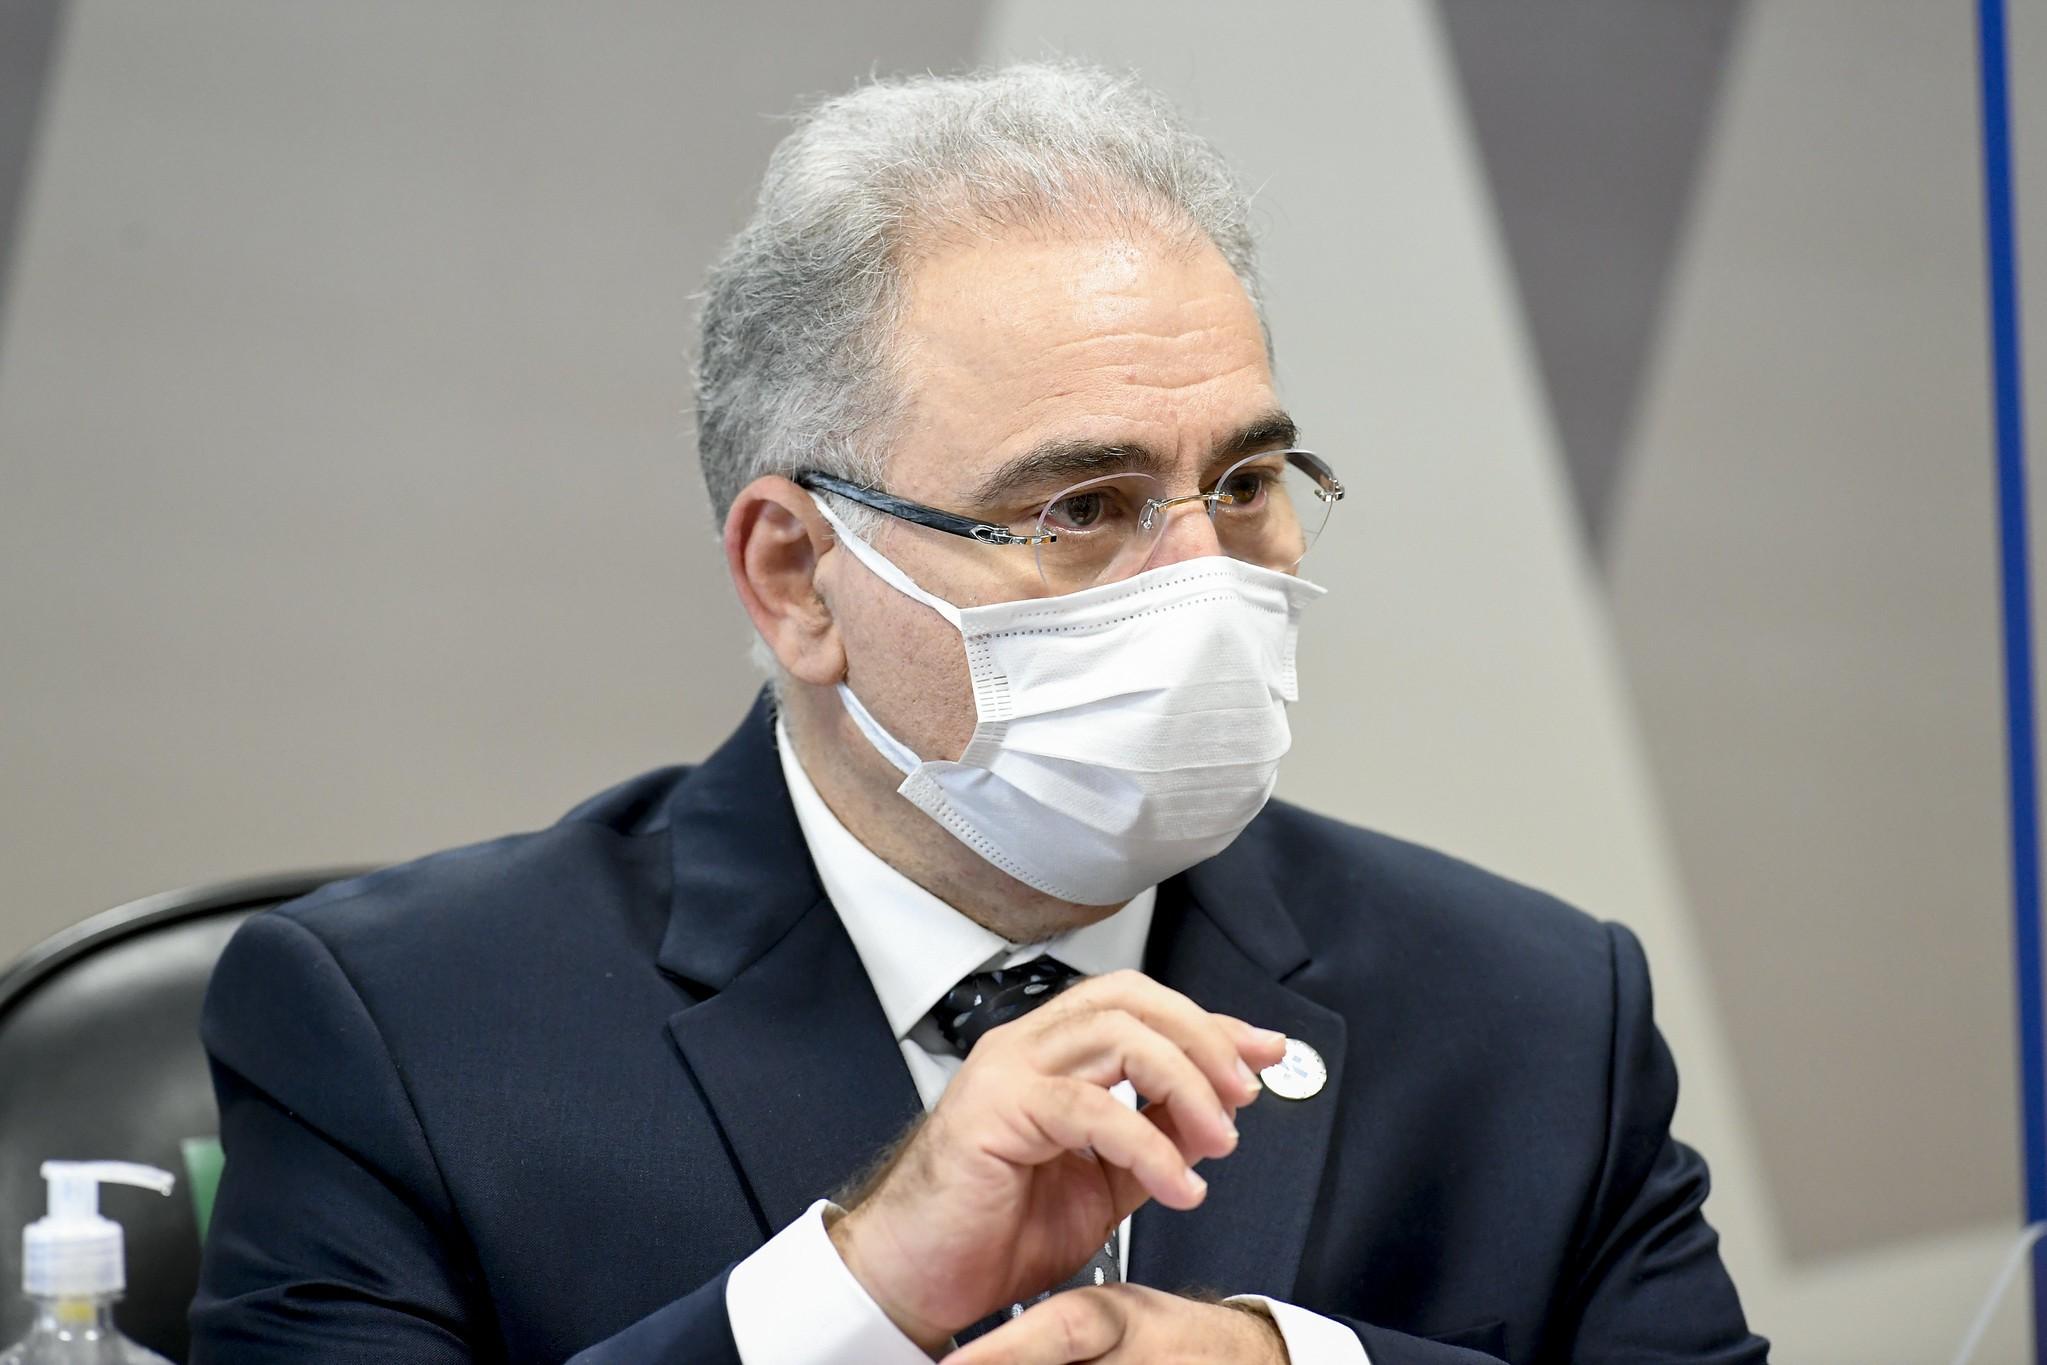 Em abril, Queiroga prometeu à OMS incentivar uso da máscara, mostram documentos